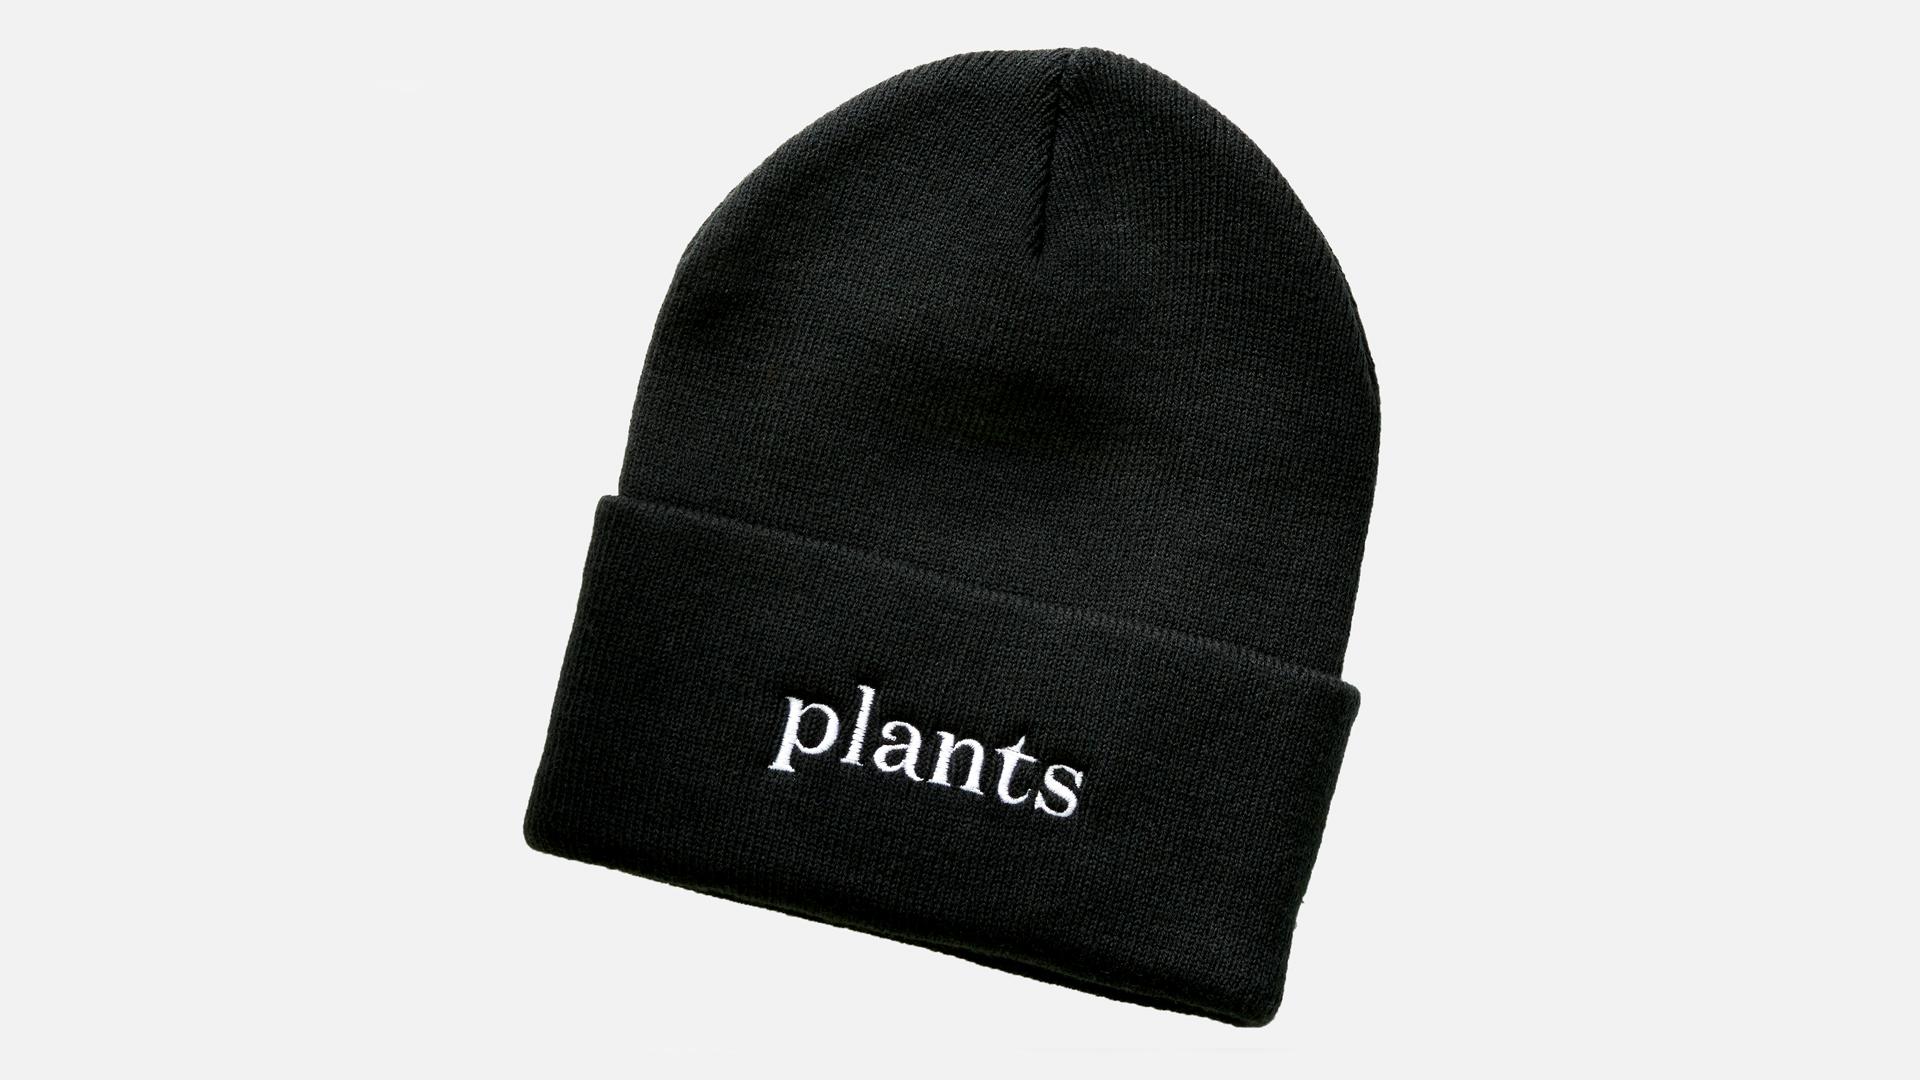 The Sill Plants Beanie